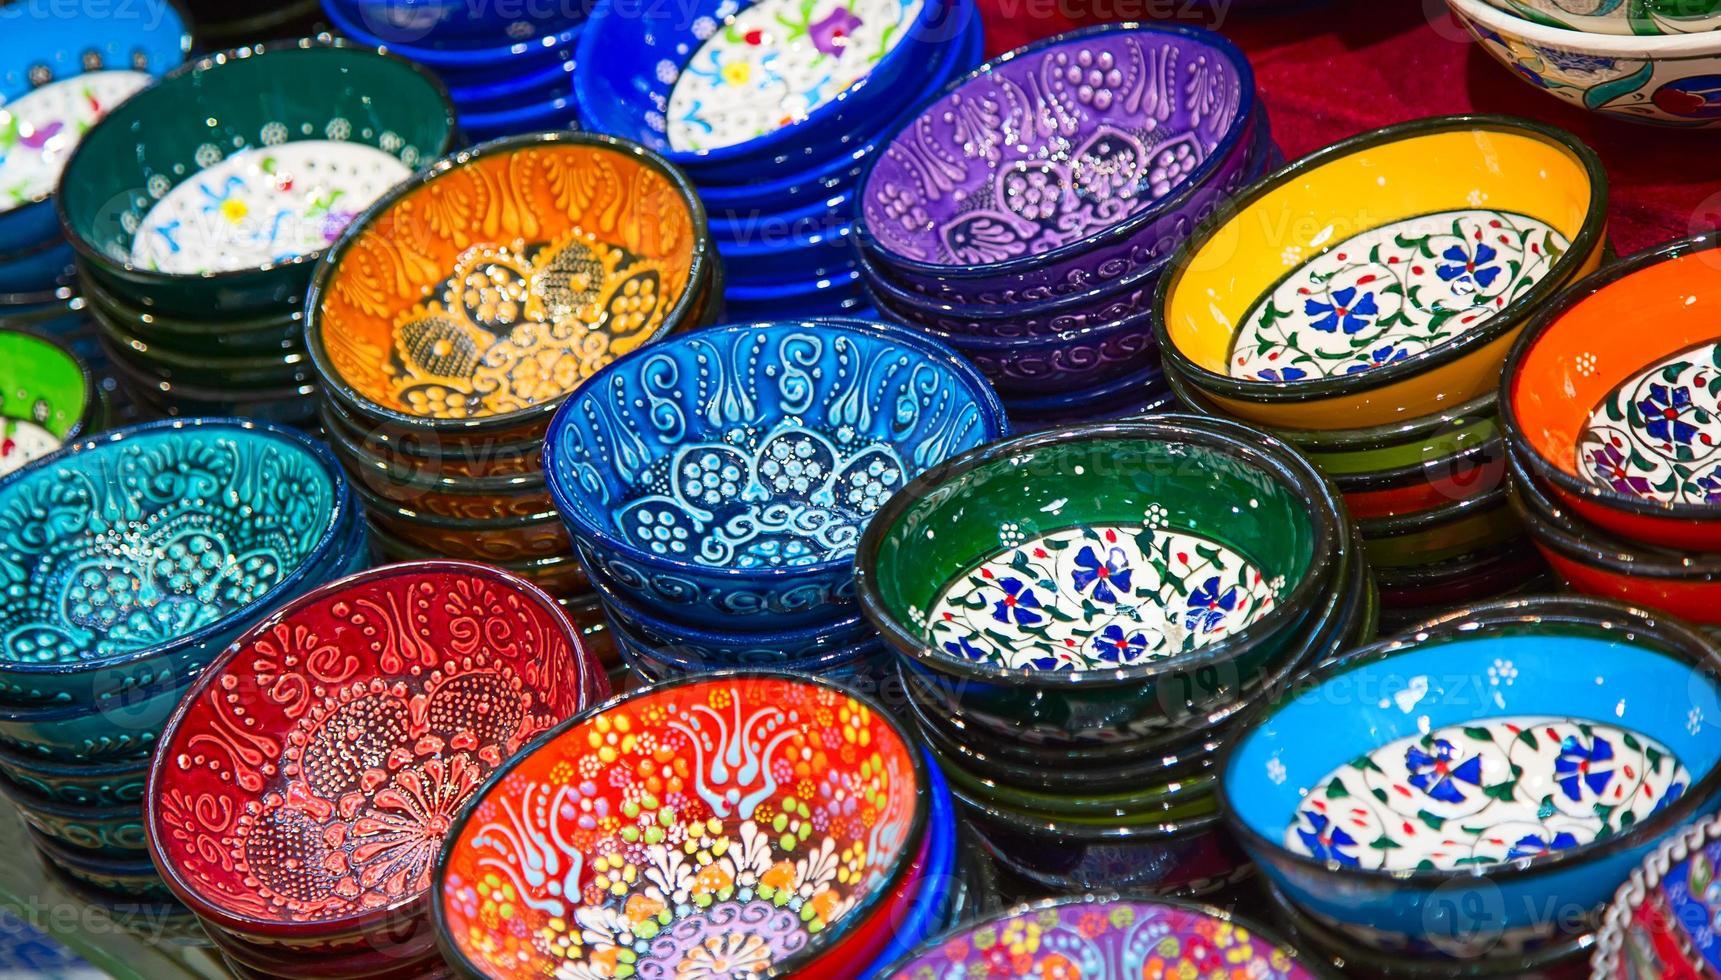 cerâmica turca foto